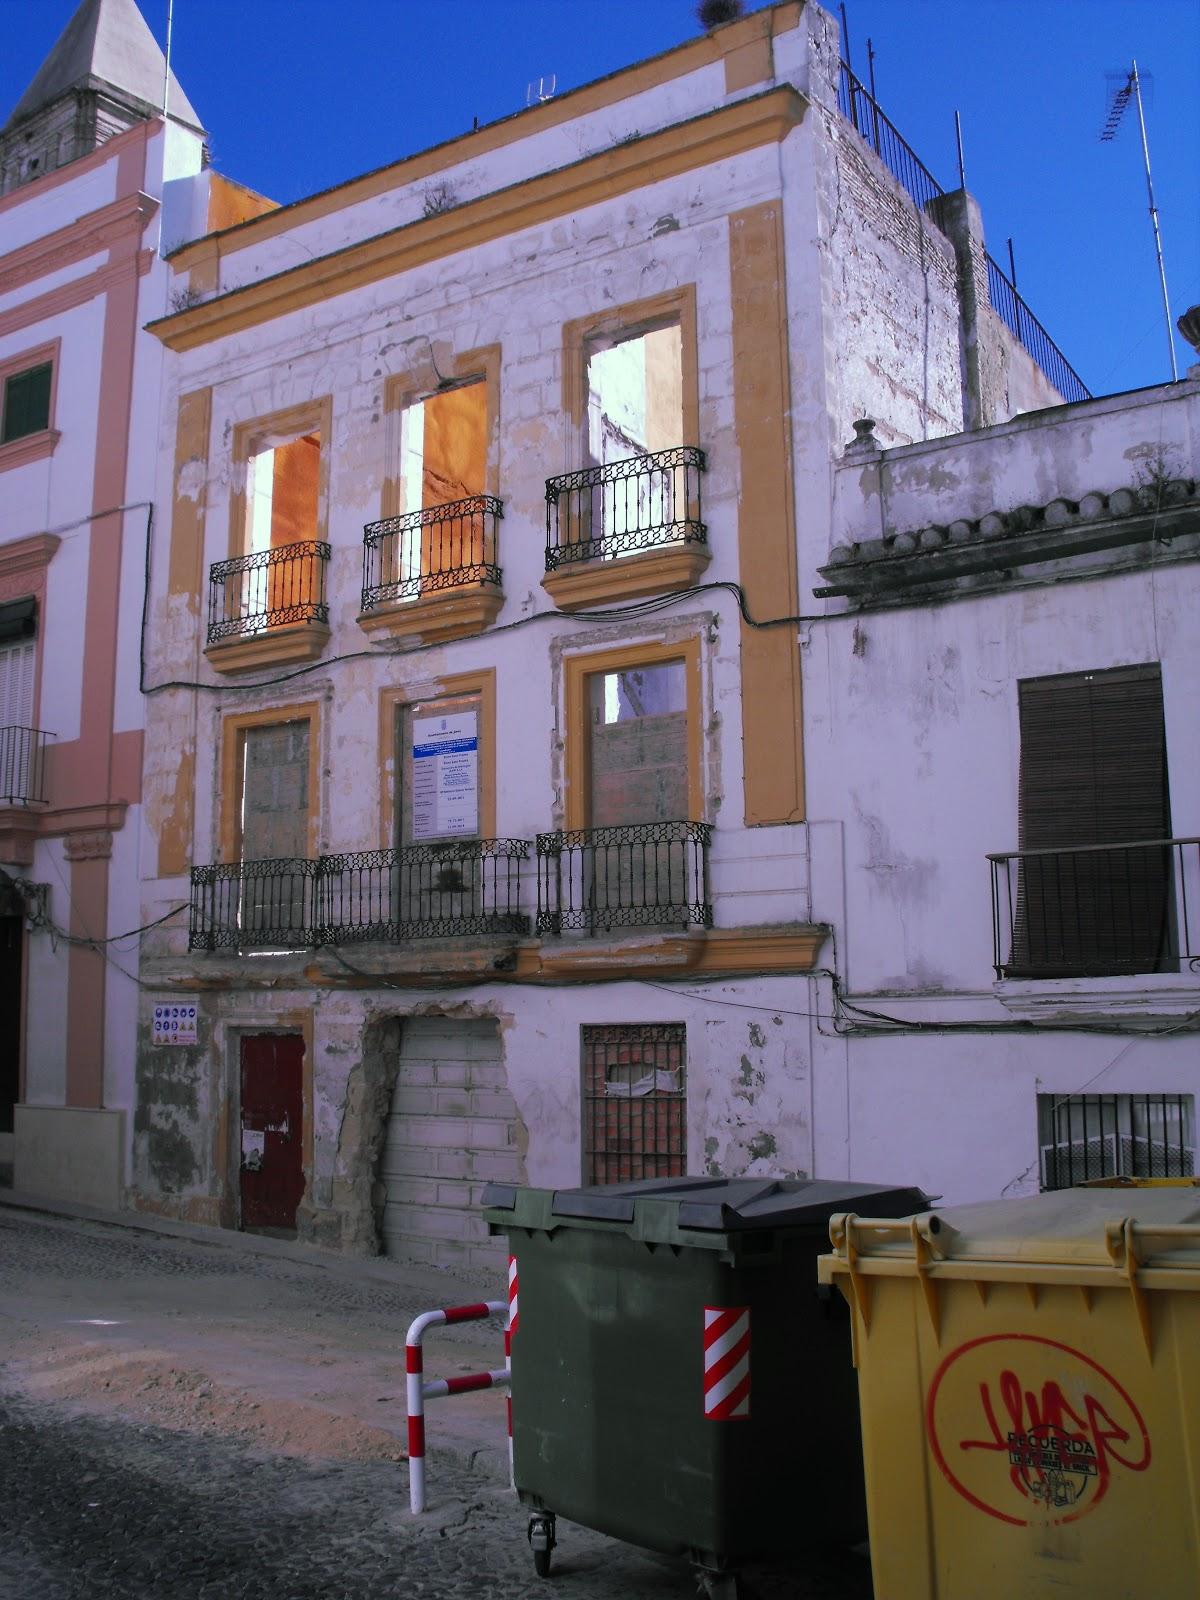 Jerez patrimonio destruido derribo en calle carpinter a for Calle prado jerez 3 navacerrada